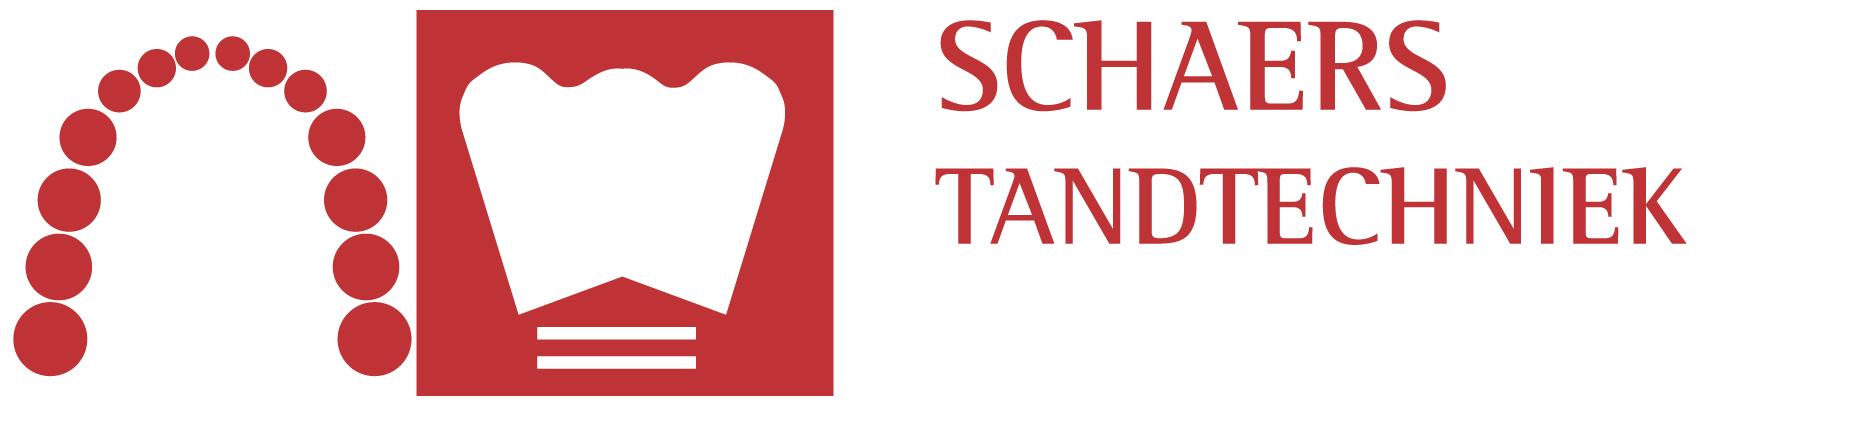 SCHAERS Tandtechniek Ertvelde